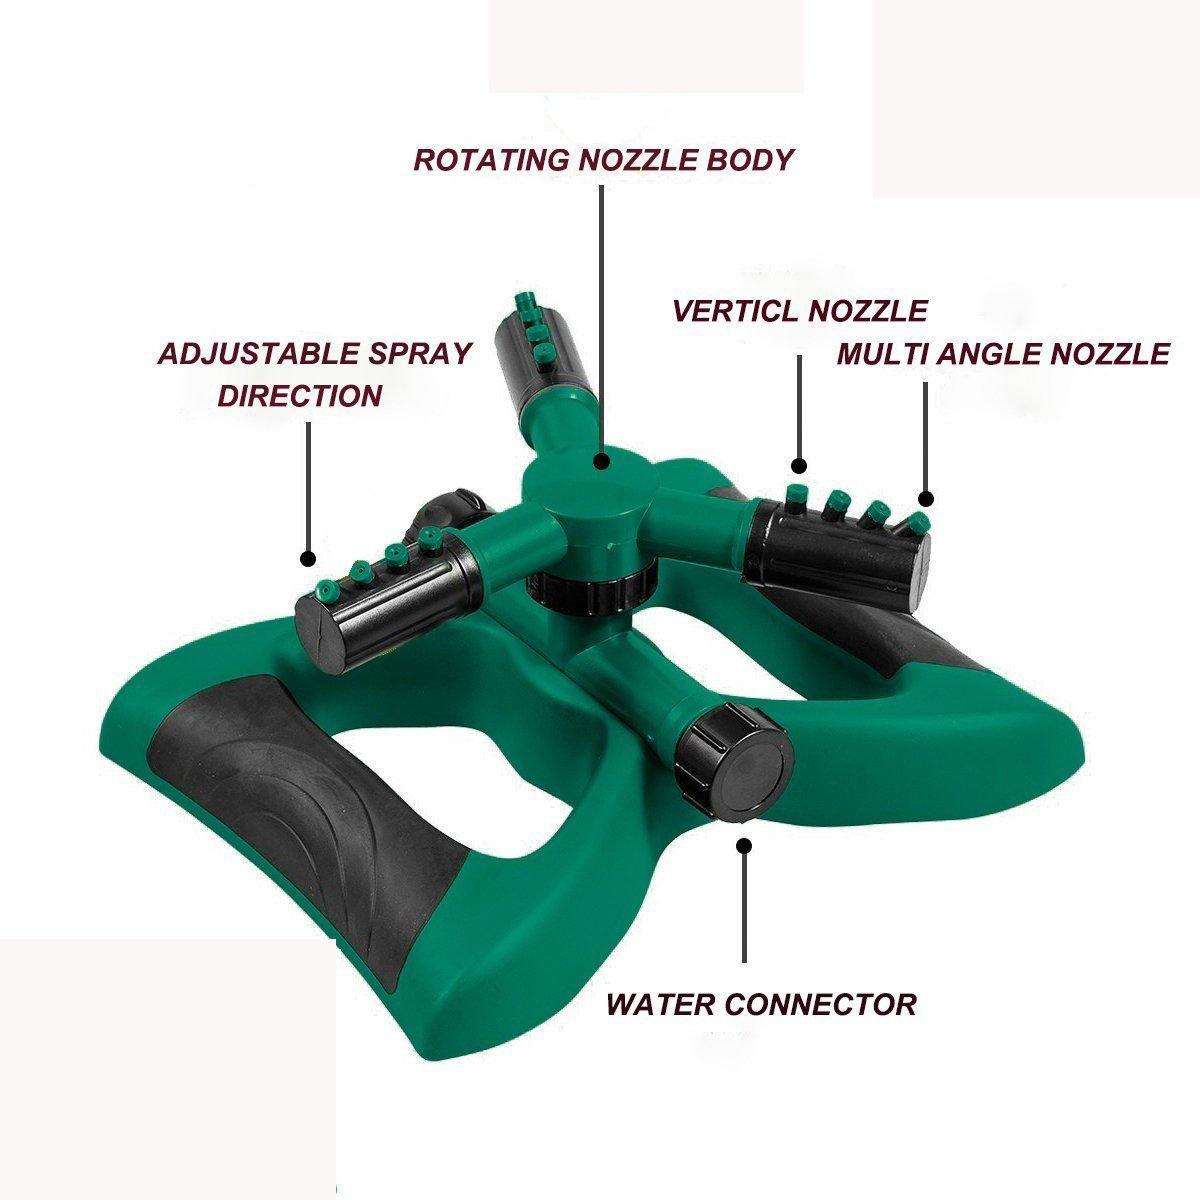 Motoz Tractionator RallZ 90//90x21 Tubeless for Yamaha WR250F 2011-2013 54Q